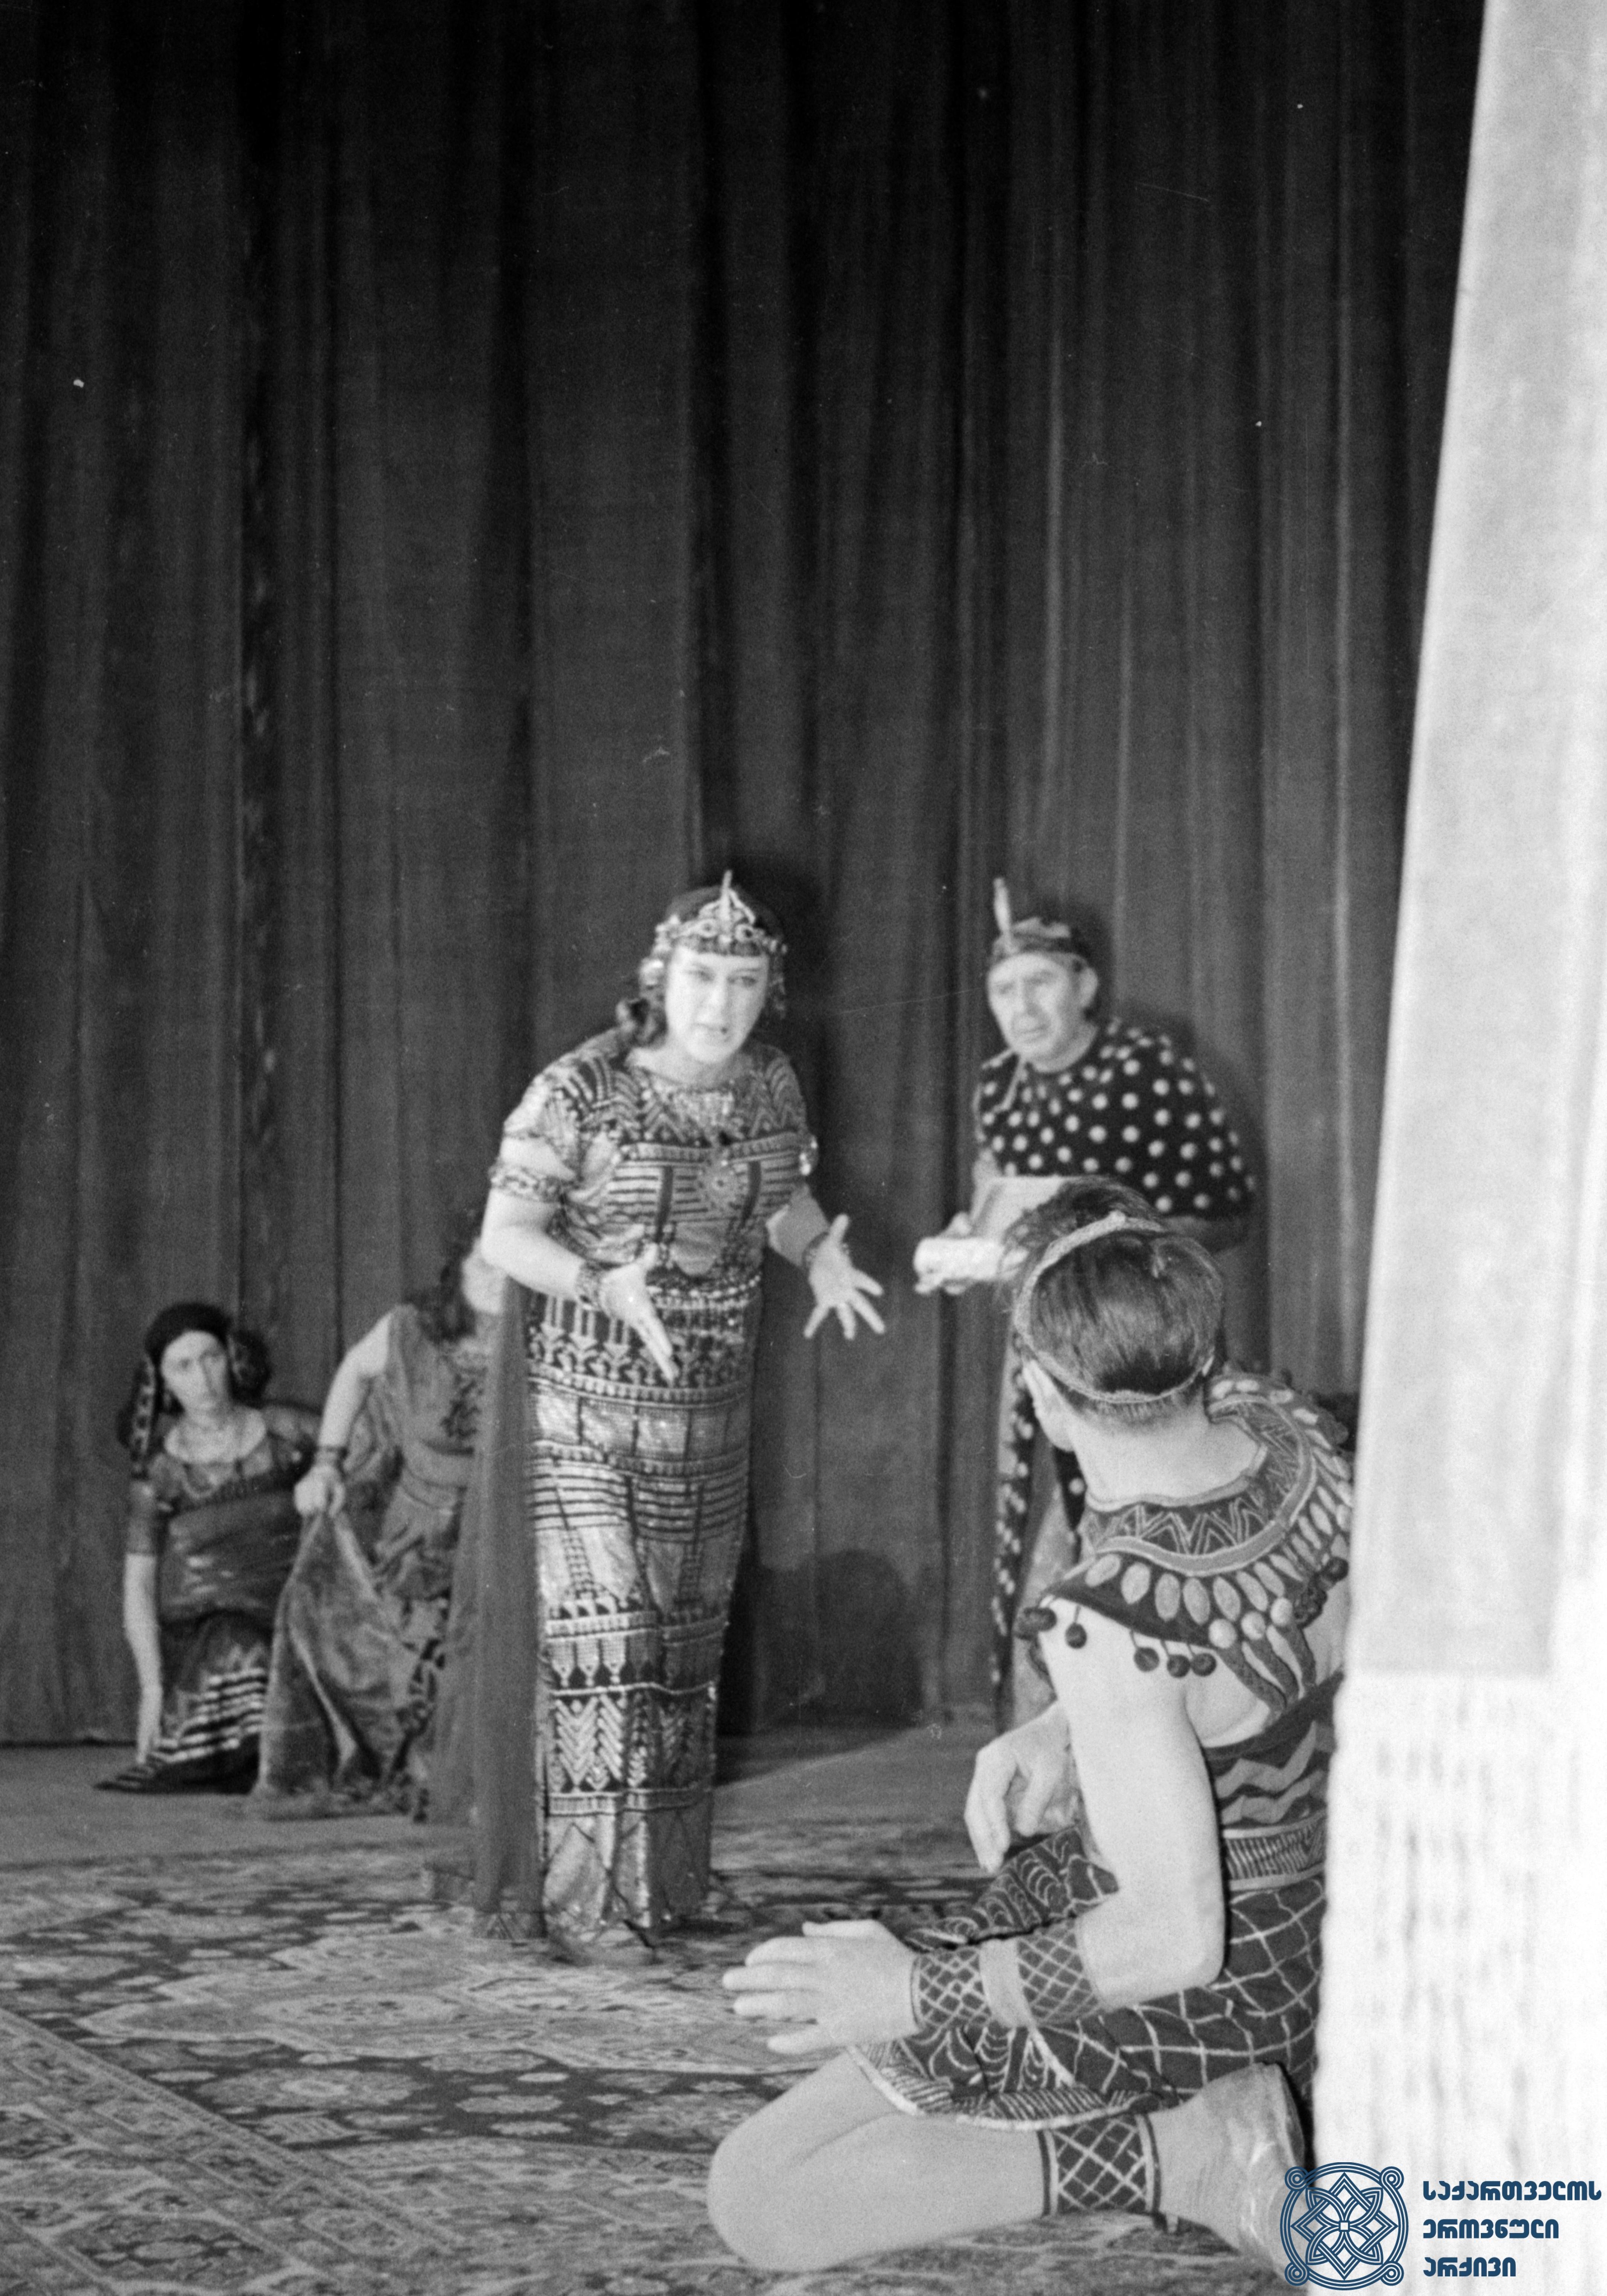 """მარჯანიშვილის სახელობის აკადემიური თეატრის სპექტაკლი """"ანტონიოს და კლეოპატრა"""".   კლეოპატრა – ვერიკო ანჯაფარიძე. <br> ვახტანგ ტაბლიაშვილის დადგმა. 1951 წელი.<br> The Marjanishvili Academic Theater performance """"Antony and Cleopatra"""". Veriko Anjapharidze as Cleopatra.<br> Vakhtang Tabliashvili's staging. 1951."""